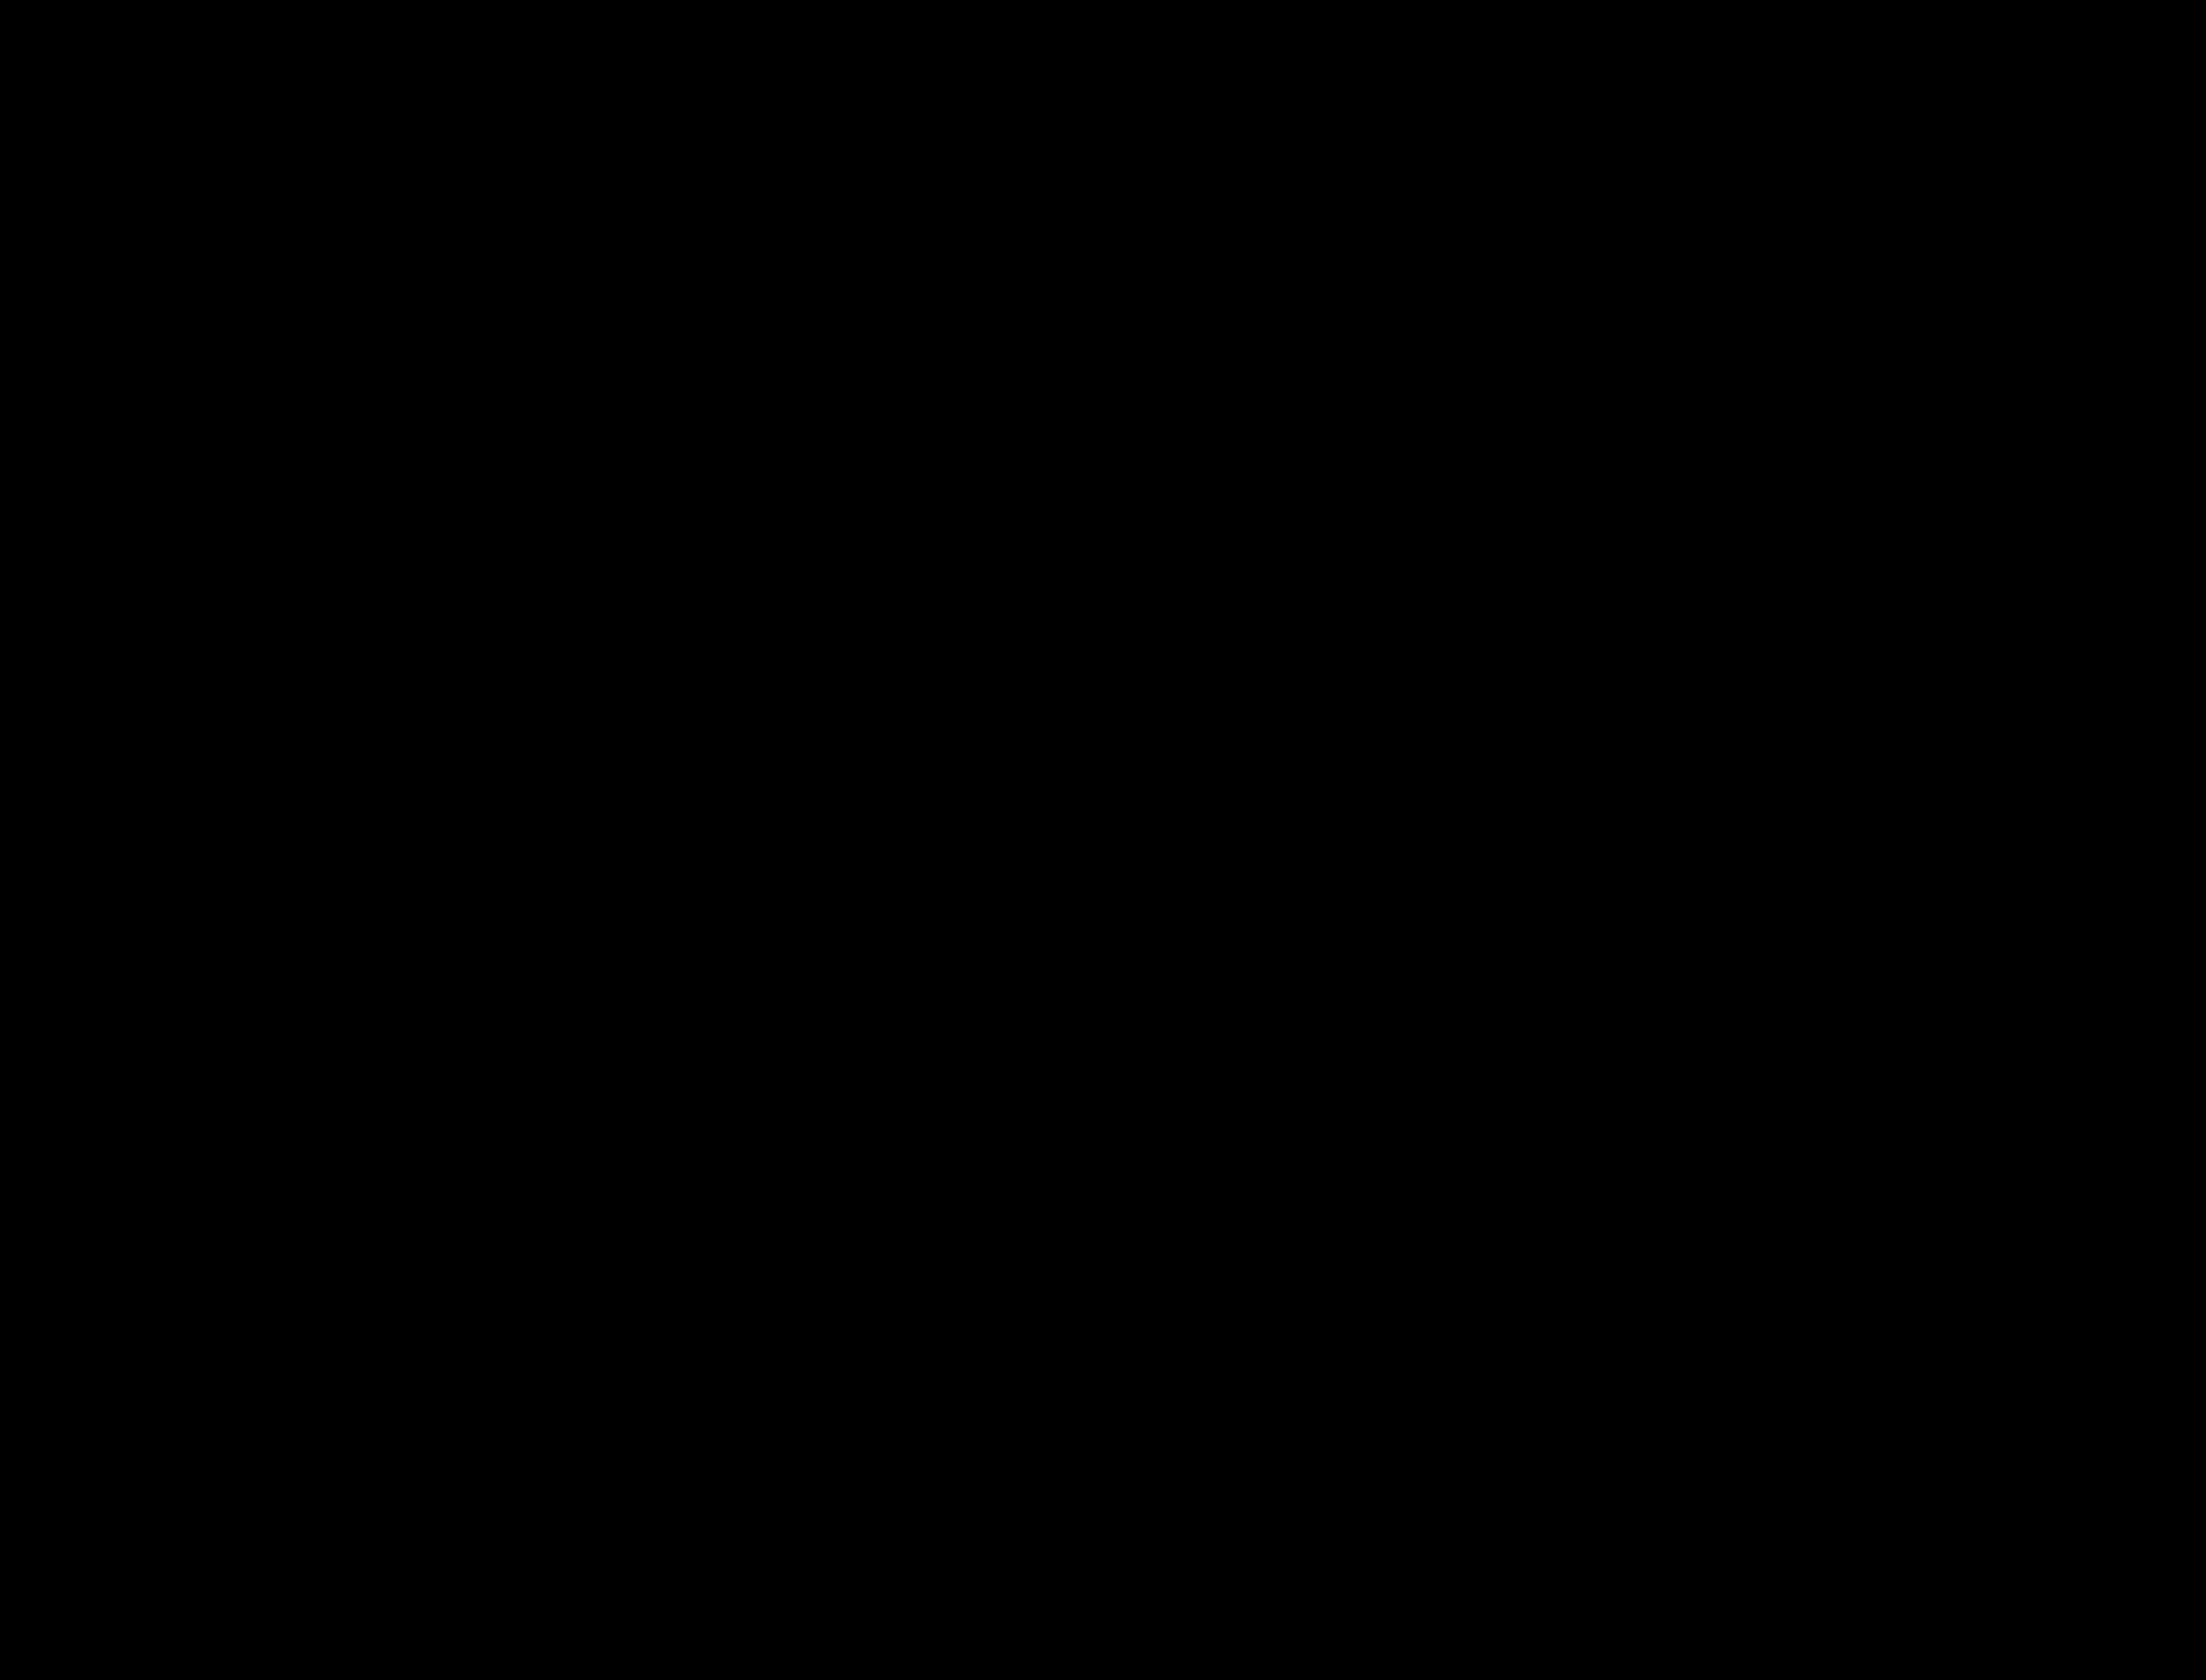 Silhouette clip art at. White clipart camera